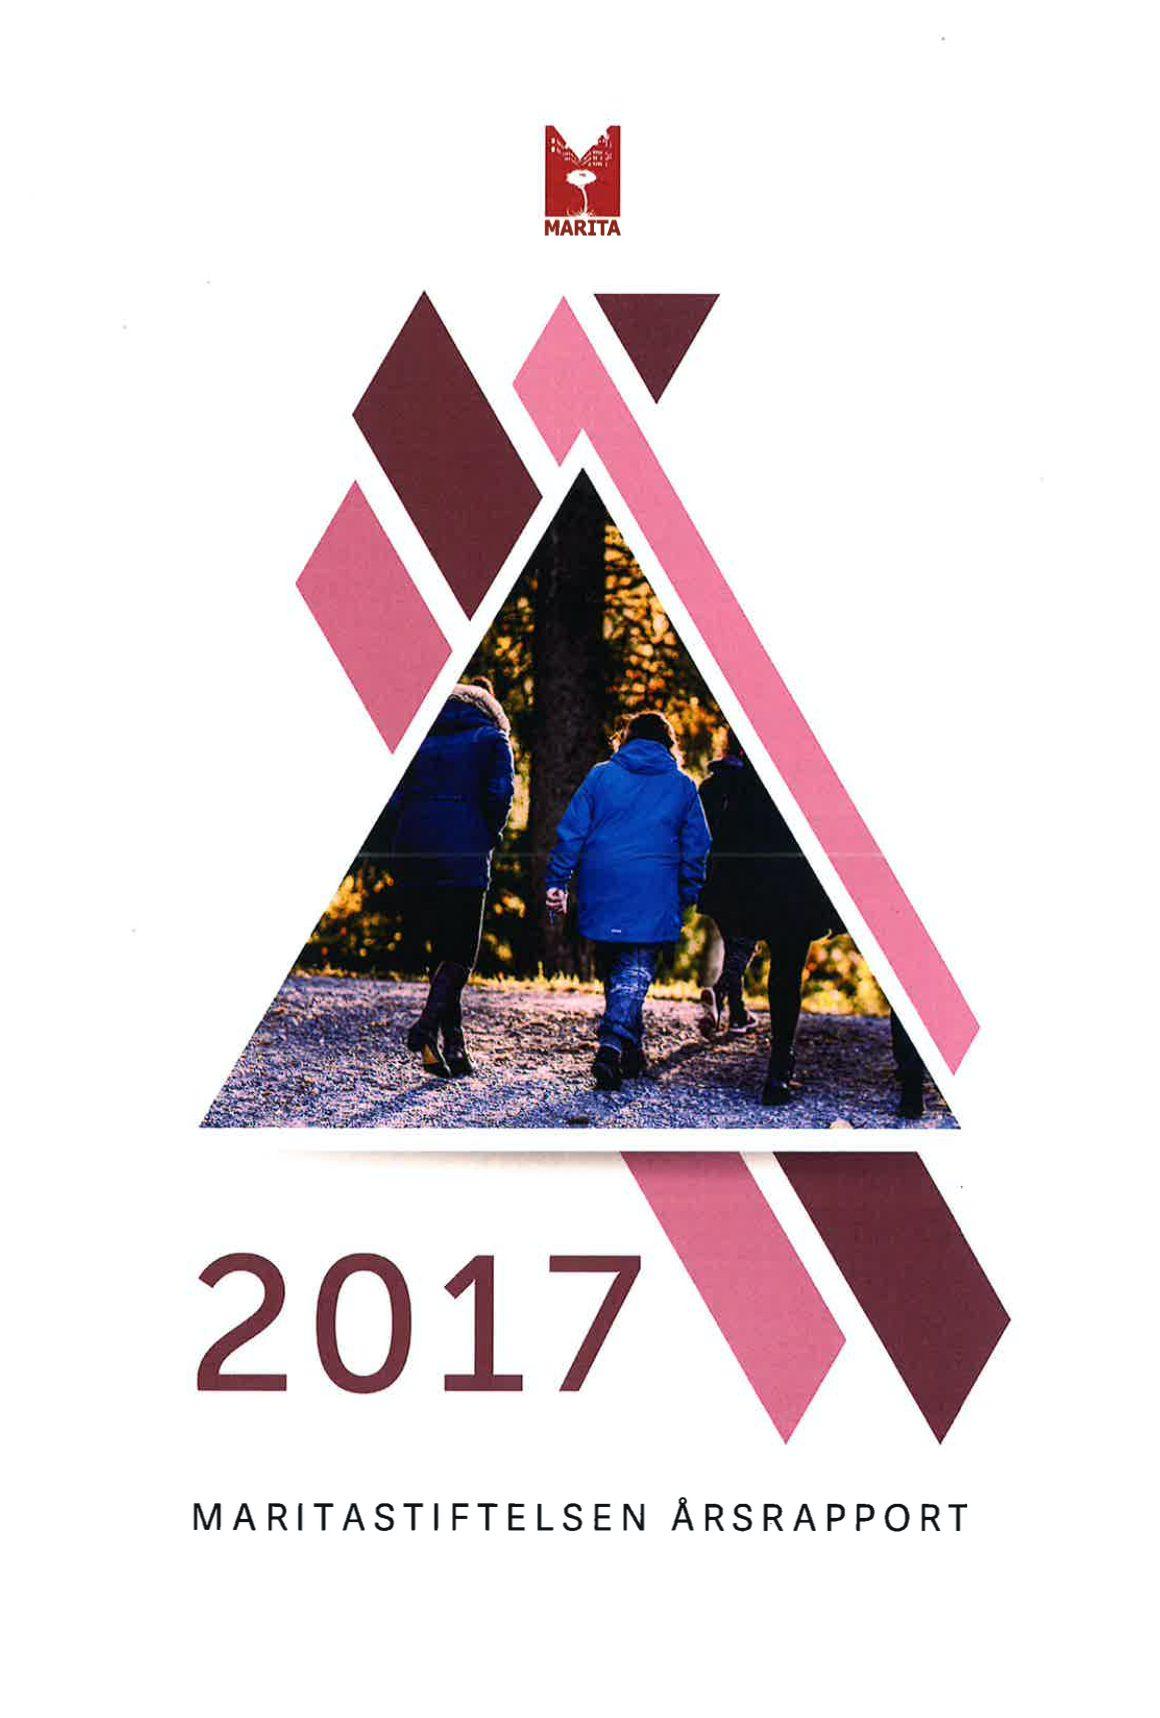 2017 Marita årsrapport